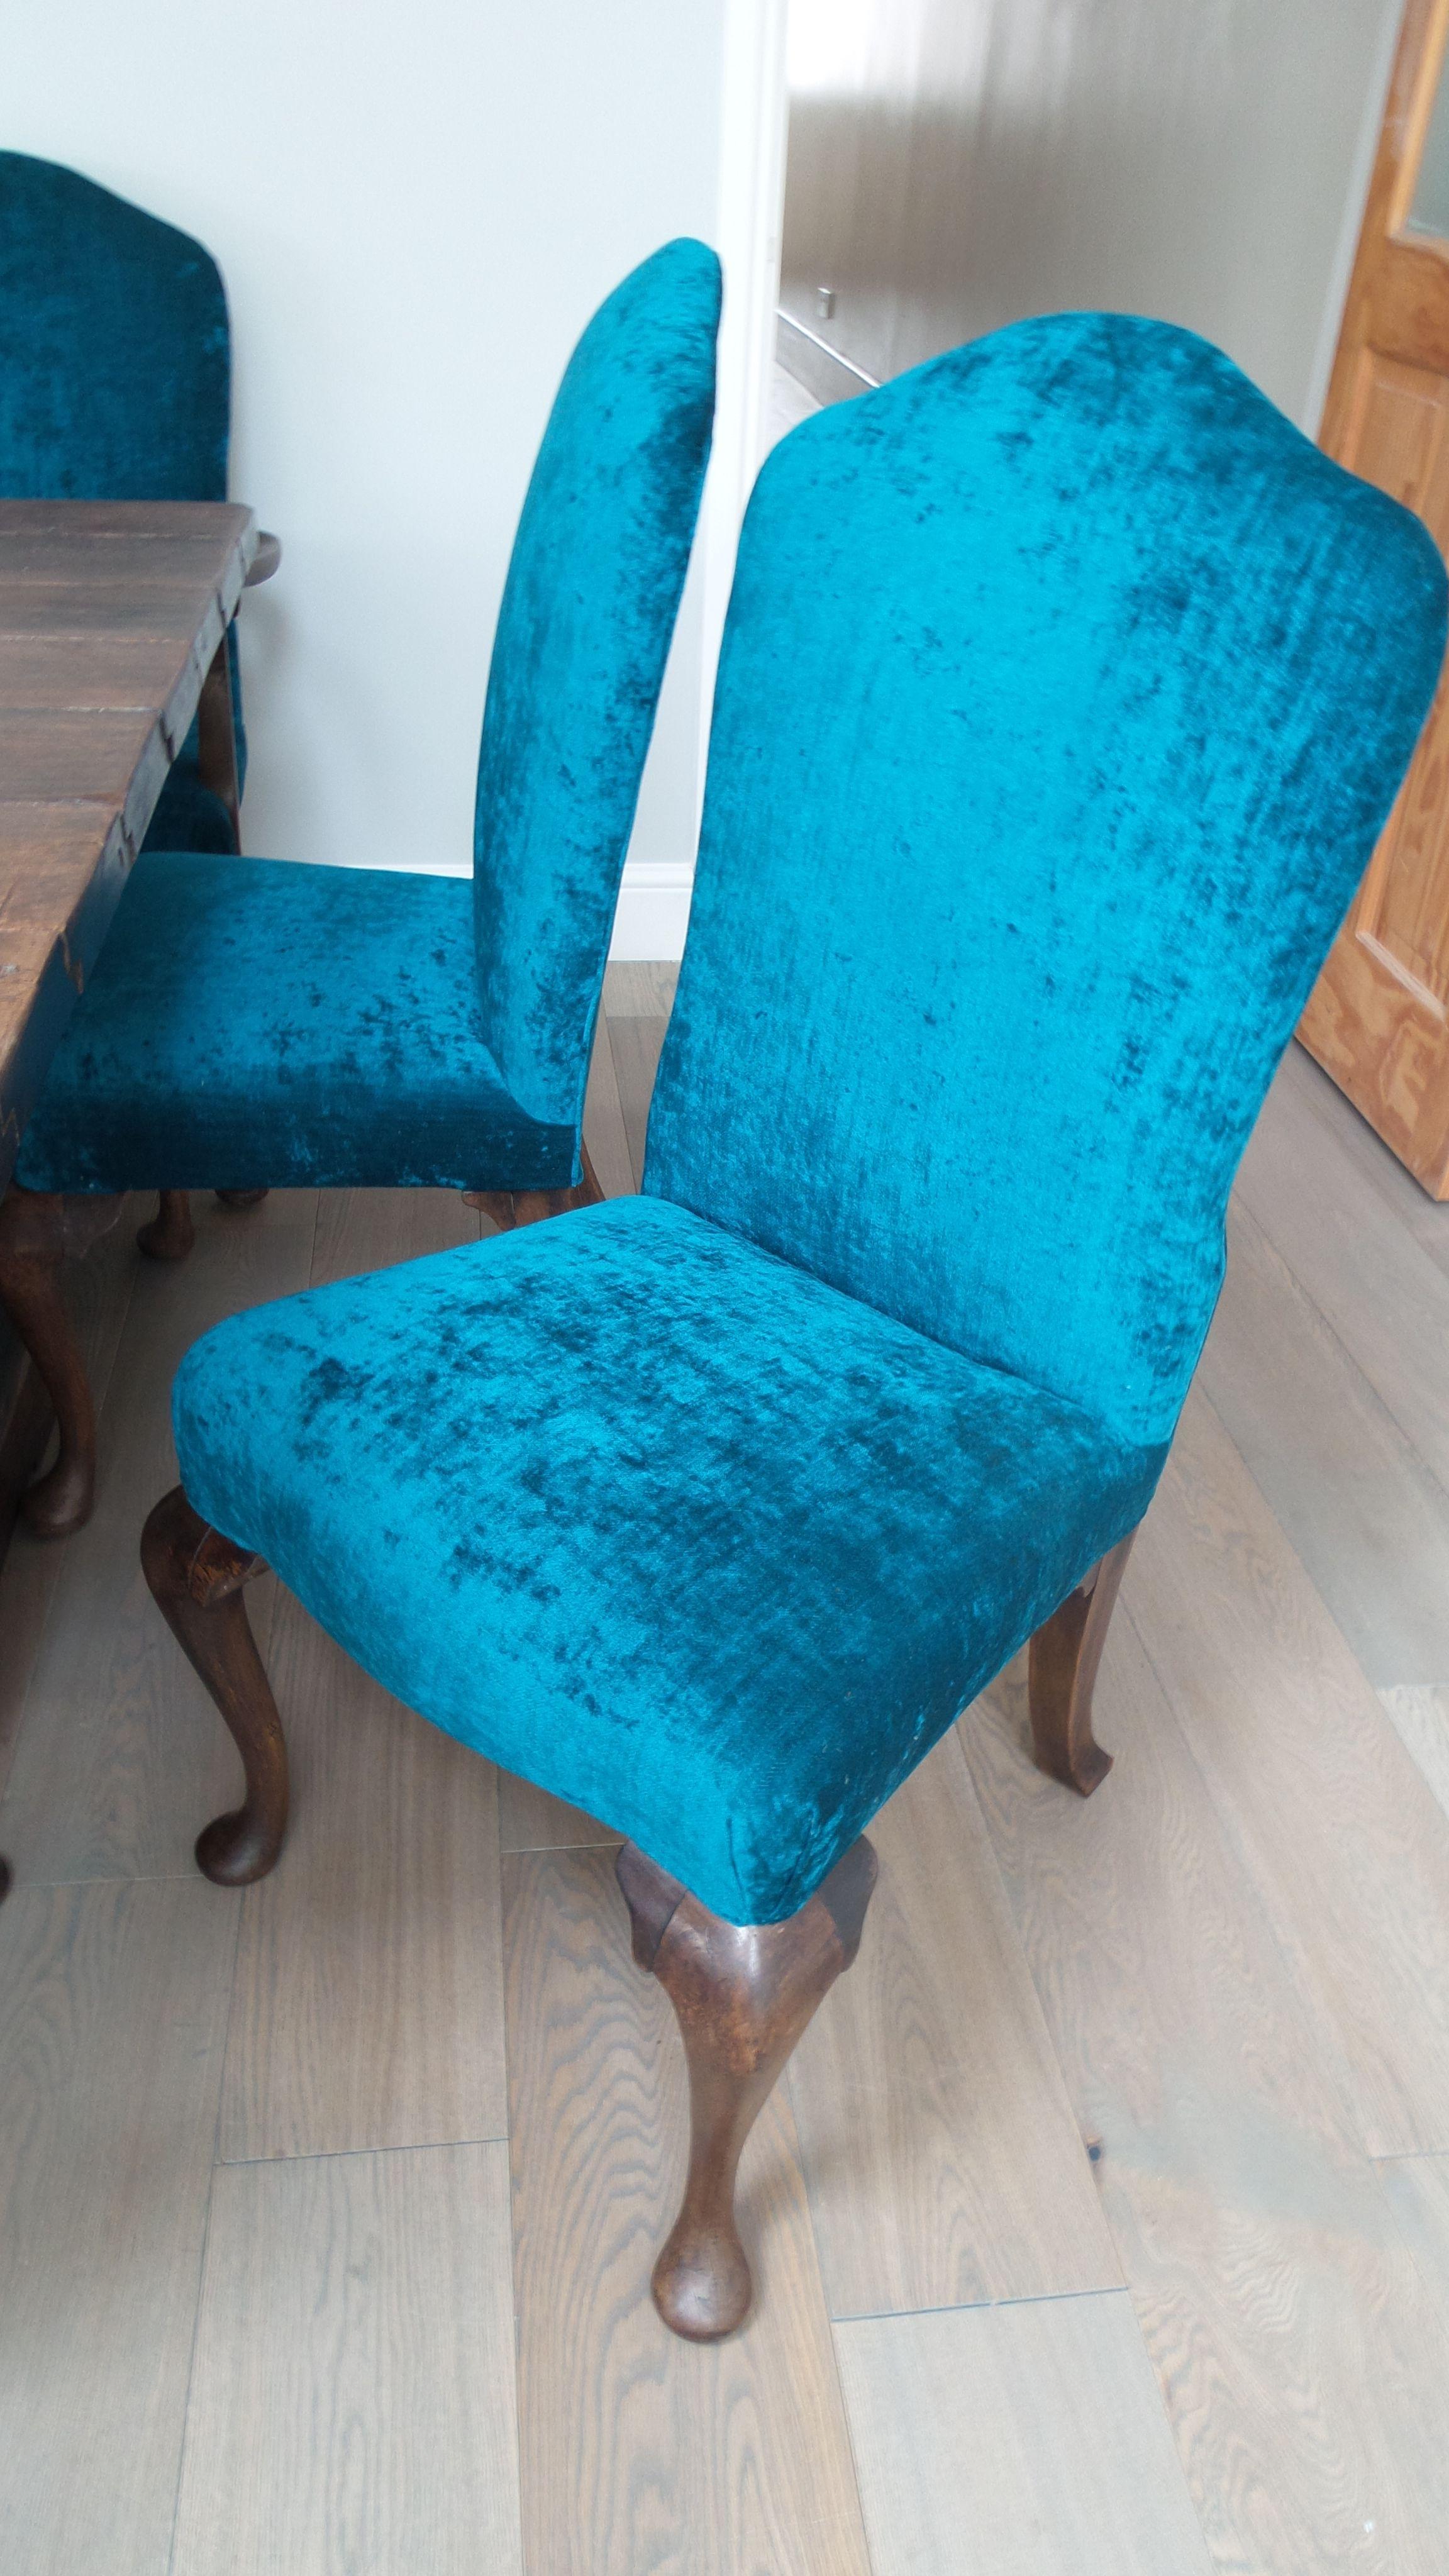 Bespoke dining chairs upholstered in stunning teal velvet by Rachel Berger Interiors